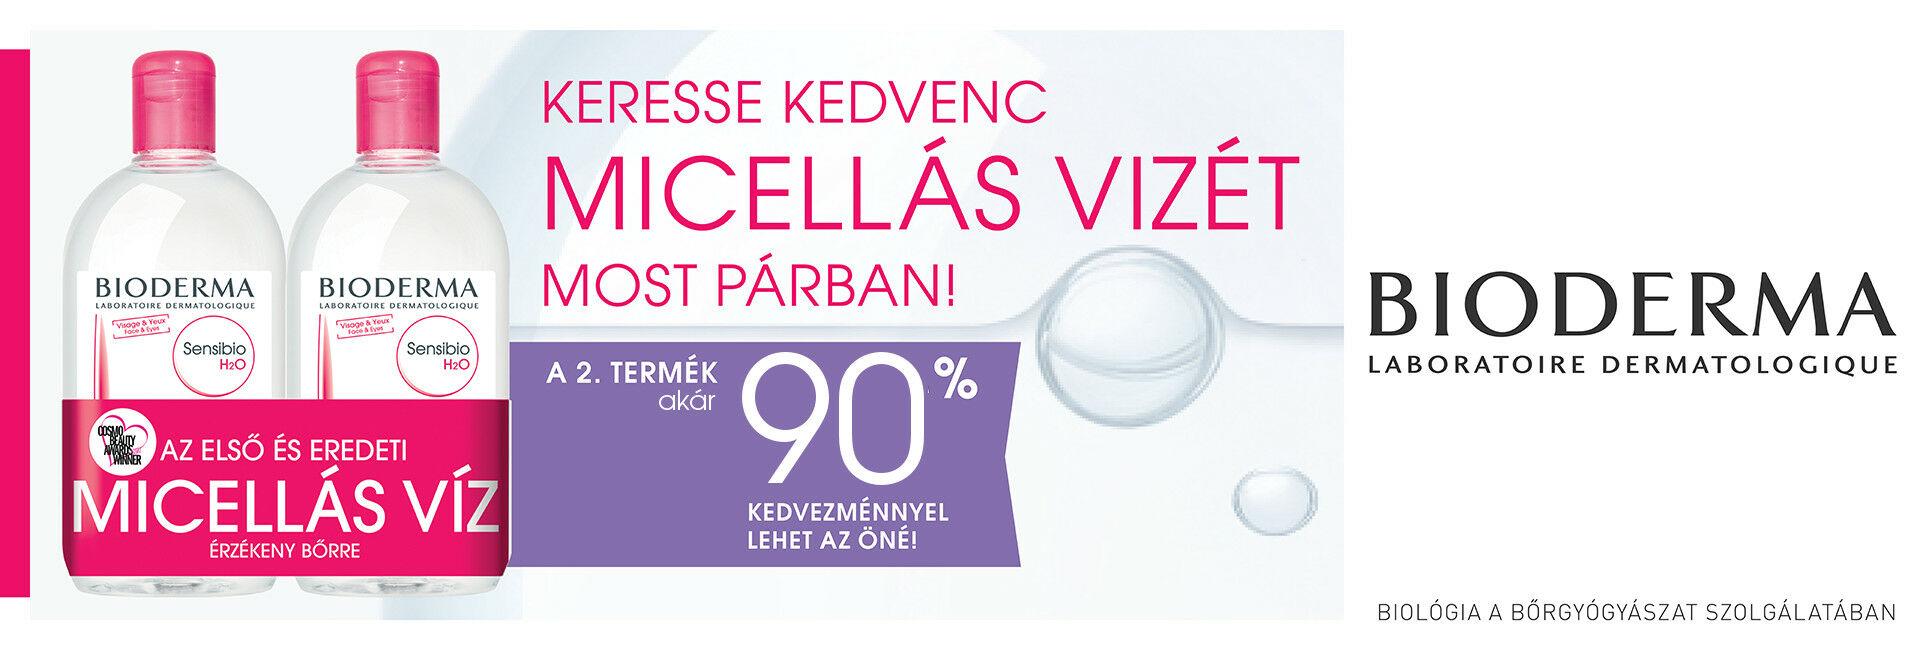 Bioderma Sensibio Micellafesztivál - a 2. termék akár 90% kedvezménnyel az Öné lehet!